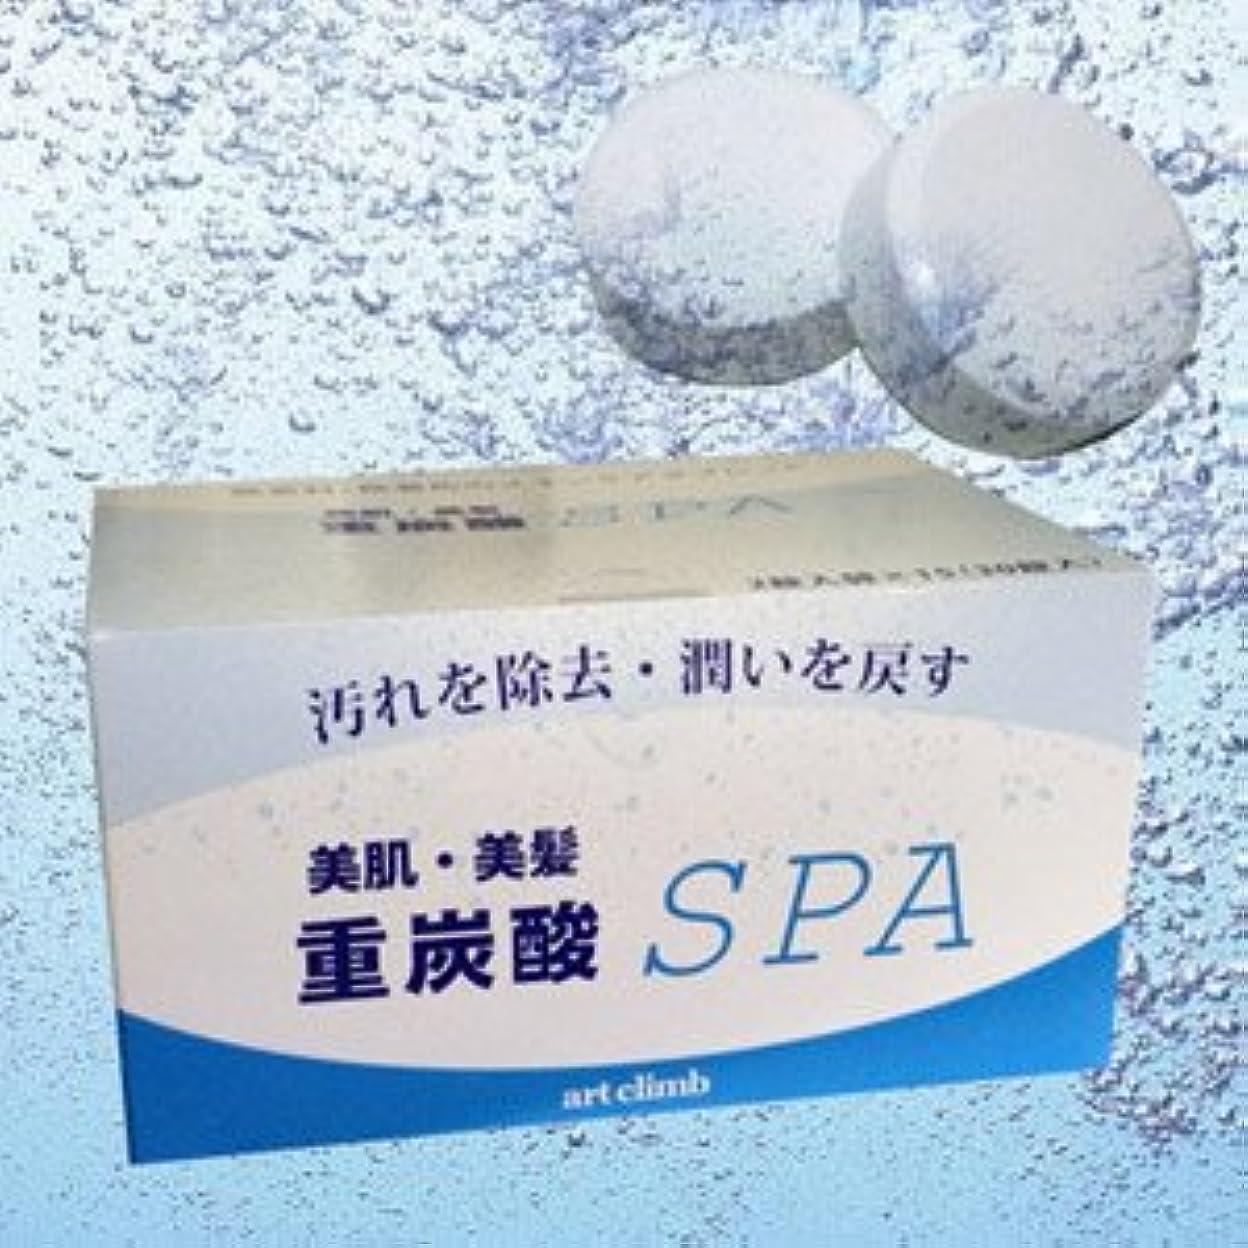 動力学発症ほめる炭酸泉タブレット 重炭酸SPA 16g x 36錠入り